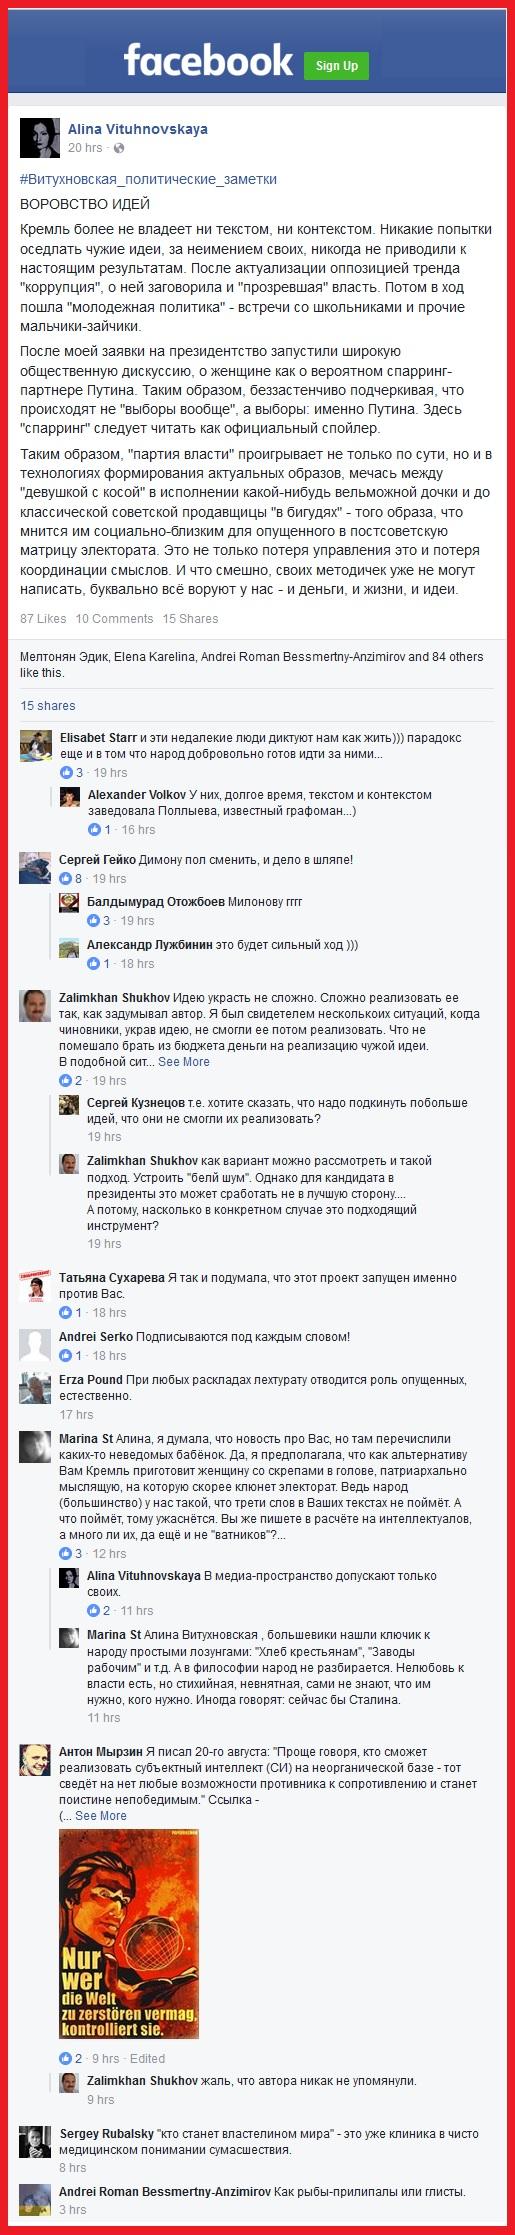 Витухновская на фейсбук, Снобы невежественные